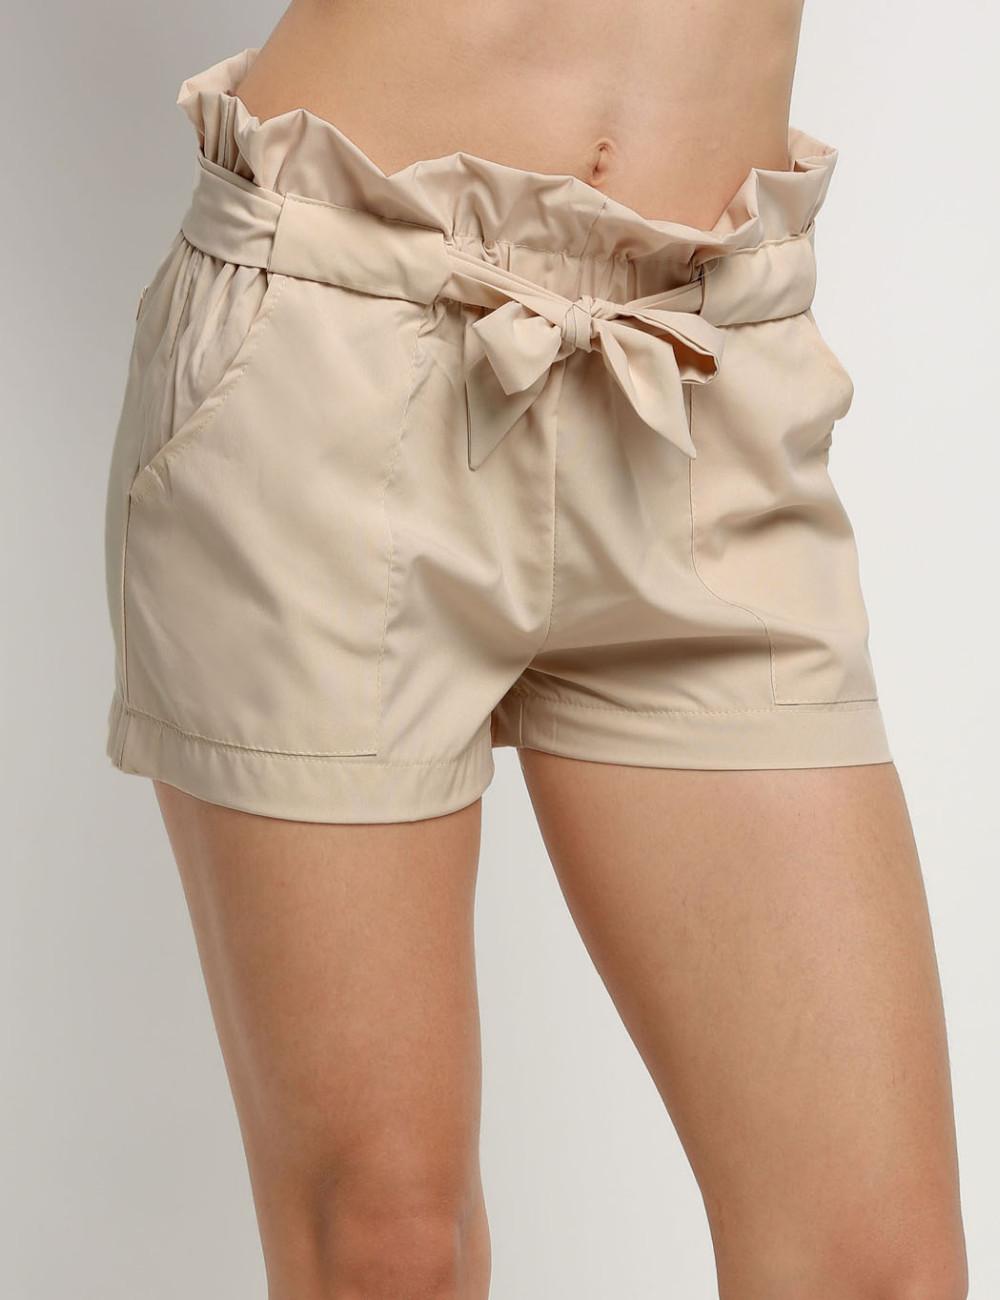 high waist shorts women (6)